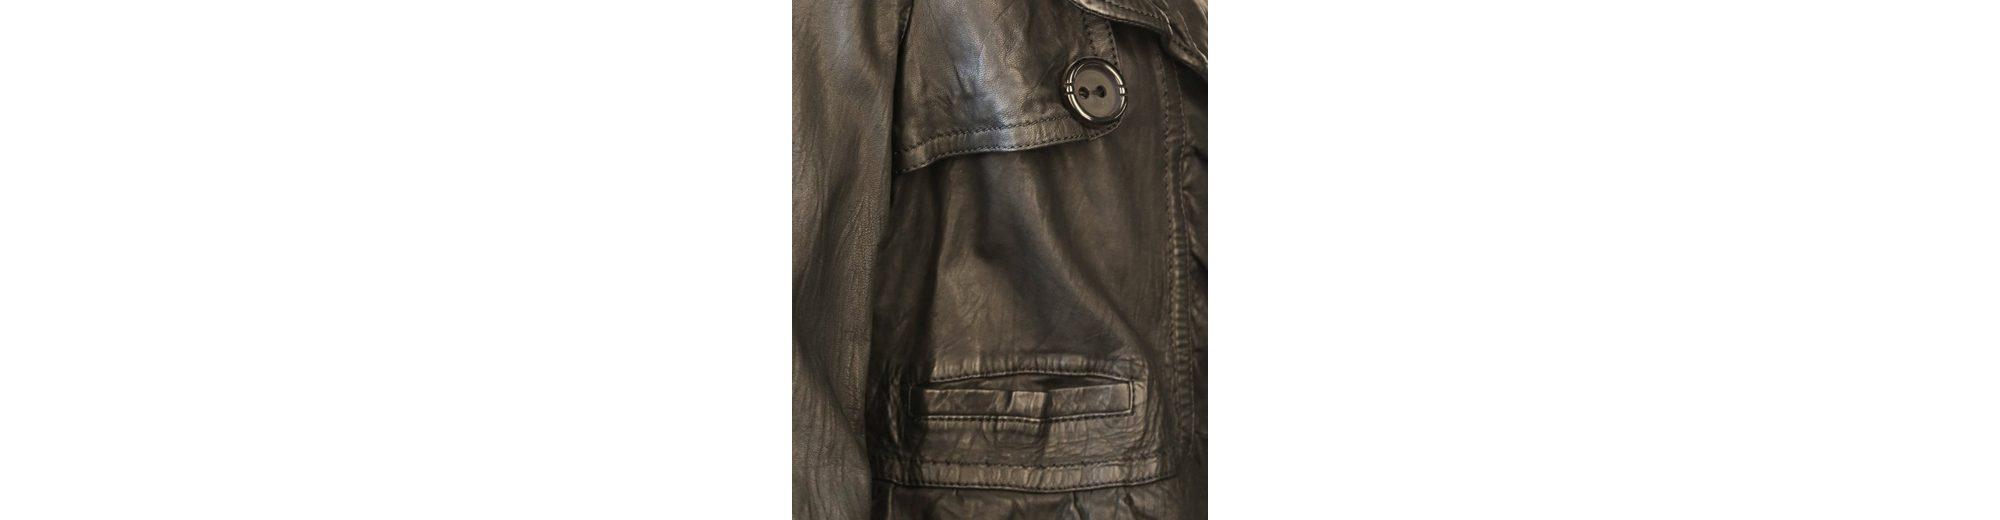 JCC Lederblazer mit schönem Hemdkragen 1012T Auslass Viele Arten Von Niedrigen Preis Versandkosten Für Günstigen Preis b99EFtLNxX